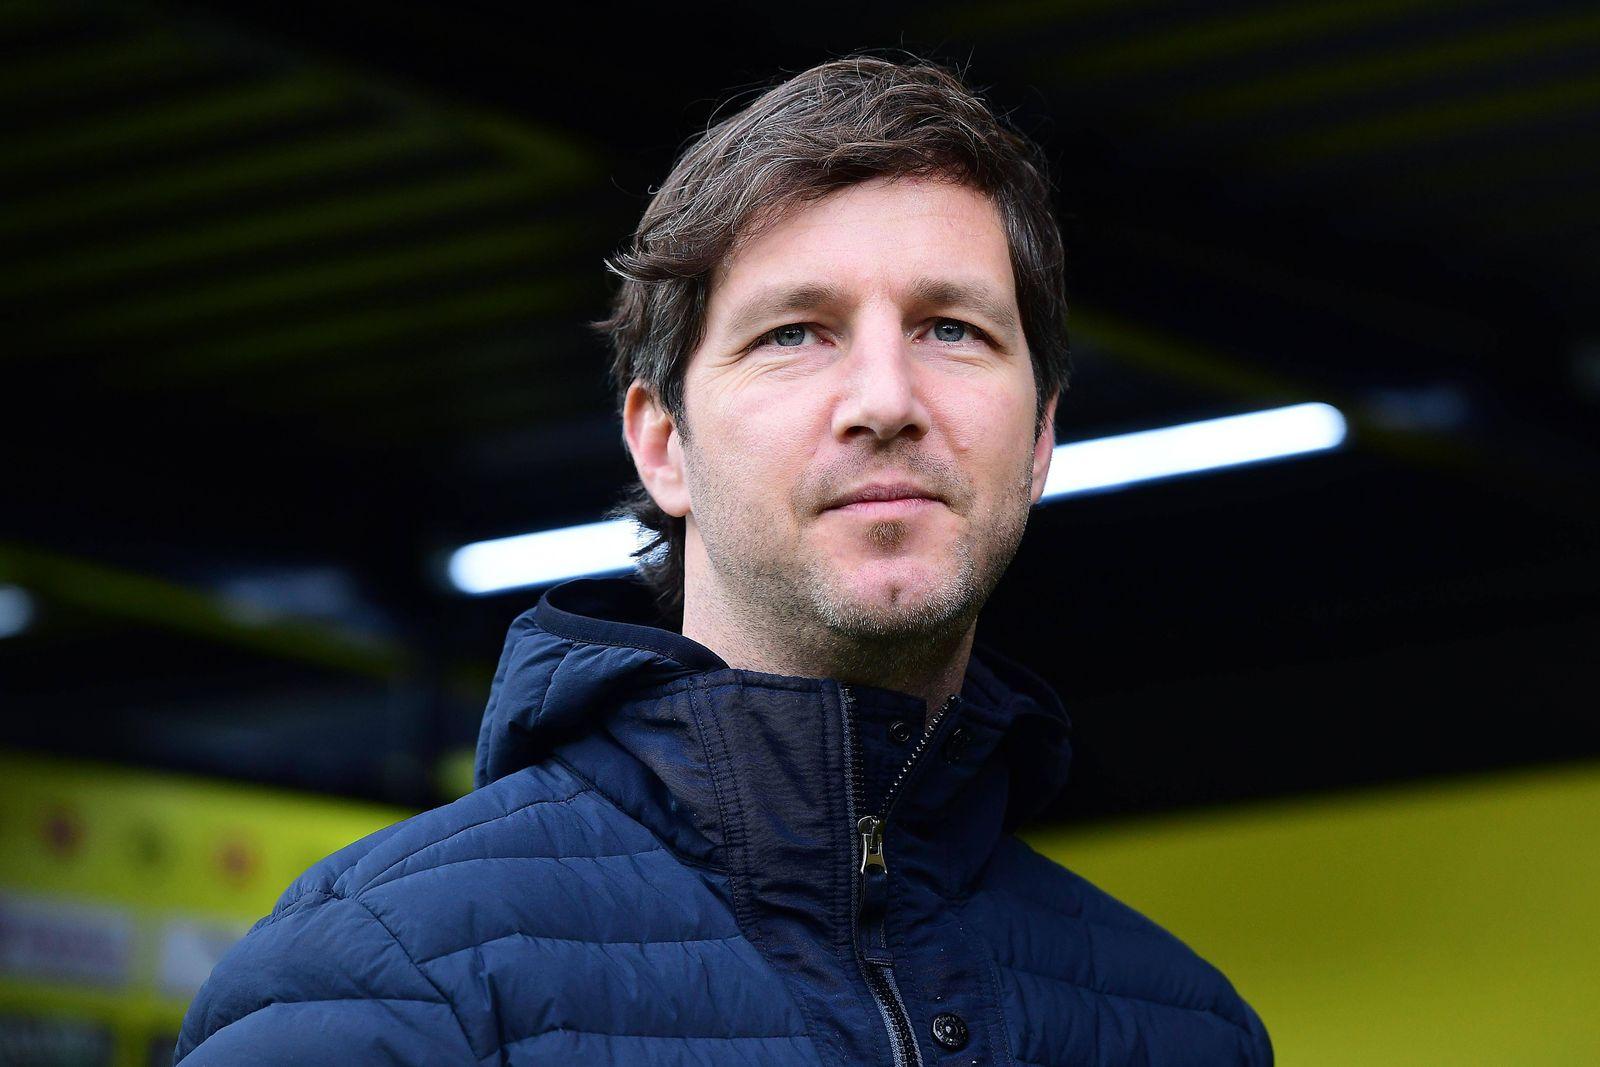 Fußball 1. Bundesliga 24. Spieltag Borussia Dortmund - SC Freiburg am 29.02.2020 im Signal Iduna Park in Dortmund Jochen